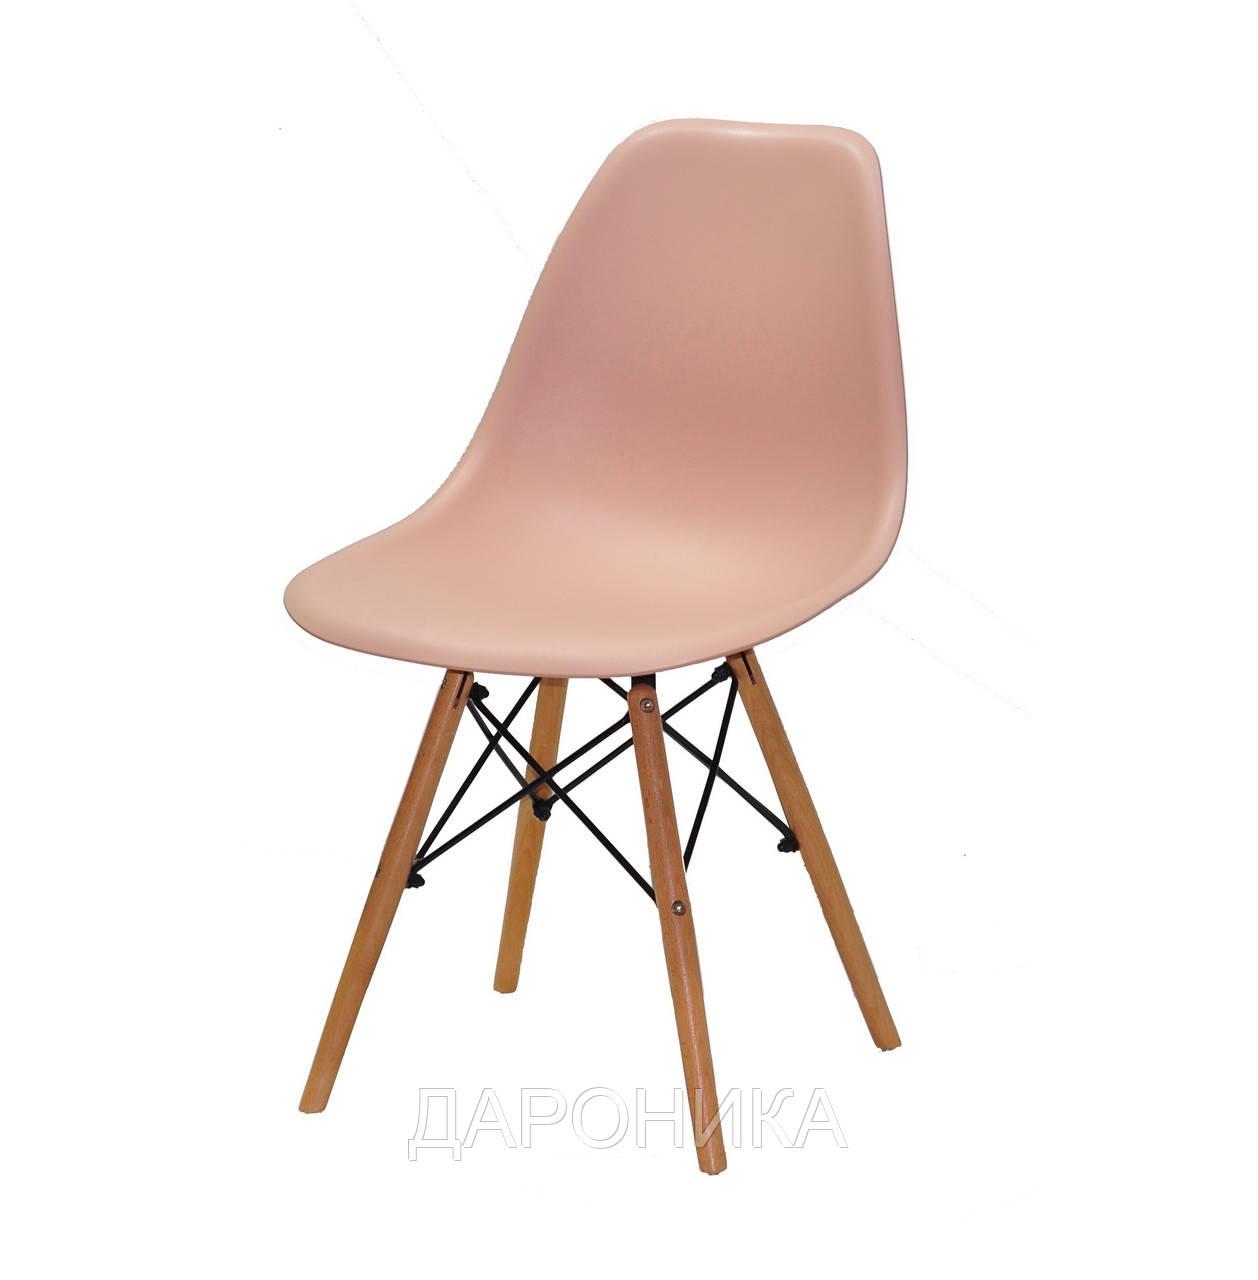 Стул дизайнерский Nik N  розовый 65 на деревянных буковых ножках